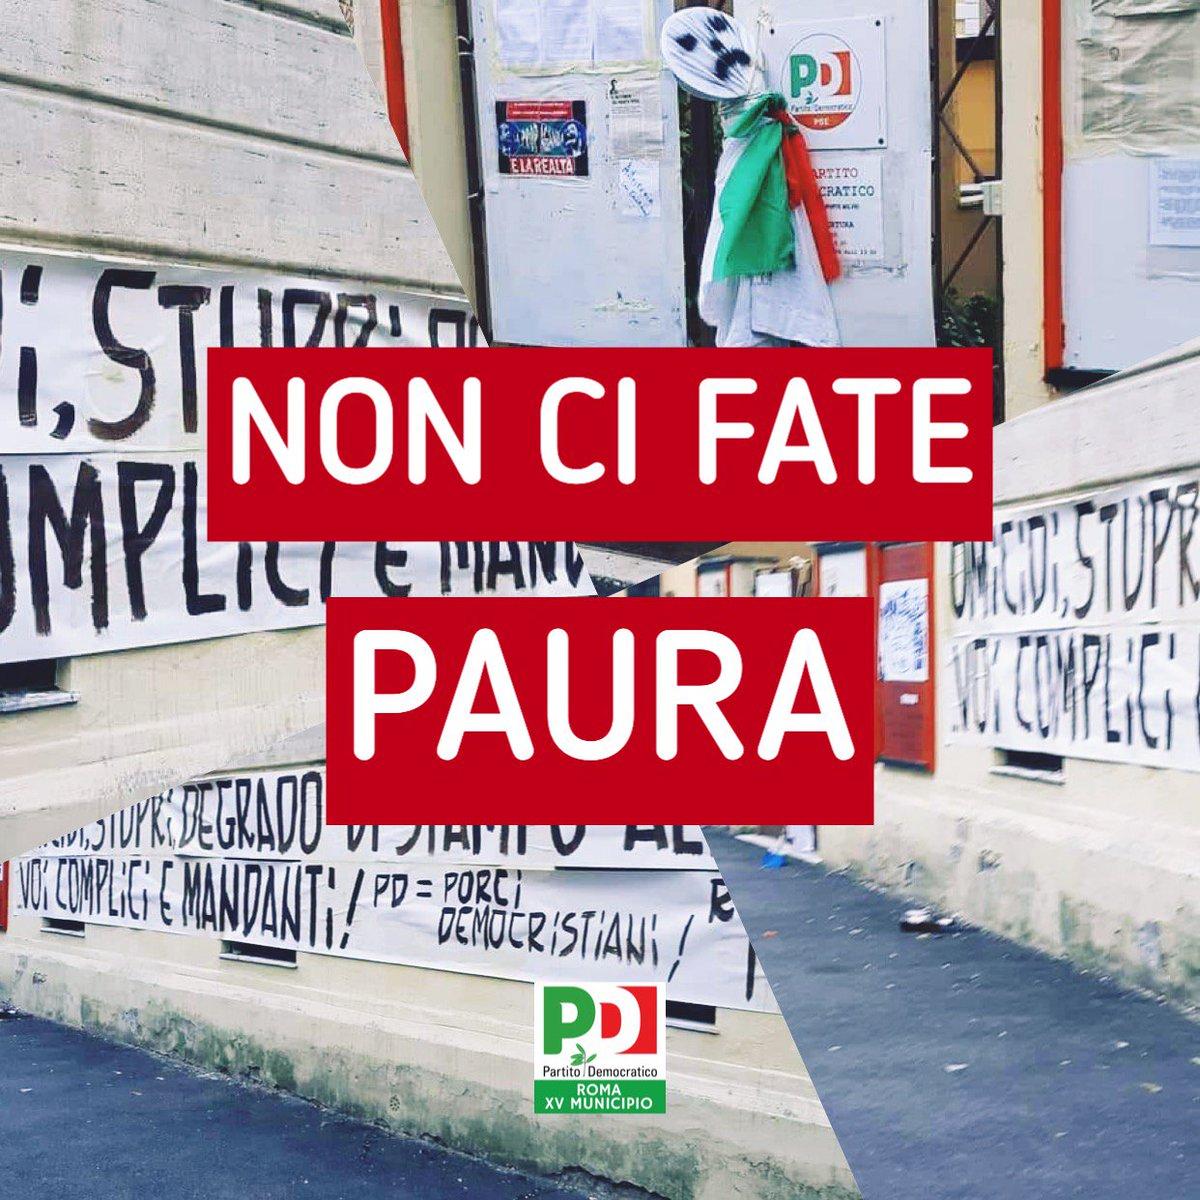 Fascisti romani le vostre minacce non ci fanno paura! Alle 1830 apriremo la sezione #PonteMilvio come ogni giorno #avanti verso la manifestazione @pdnetwork del 30 settembre a #Roma #perlitalia contro il governo dell\